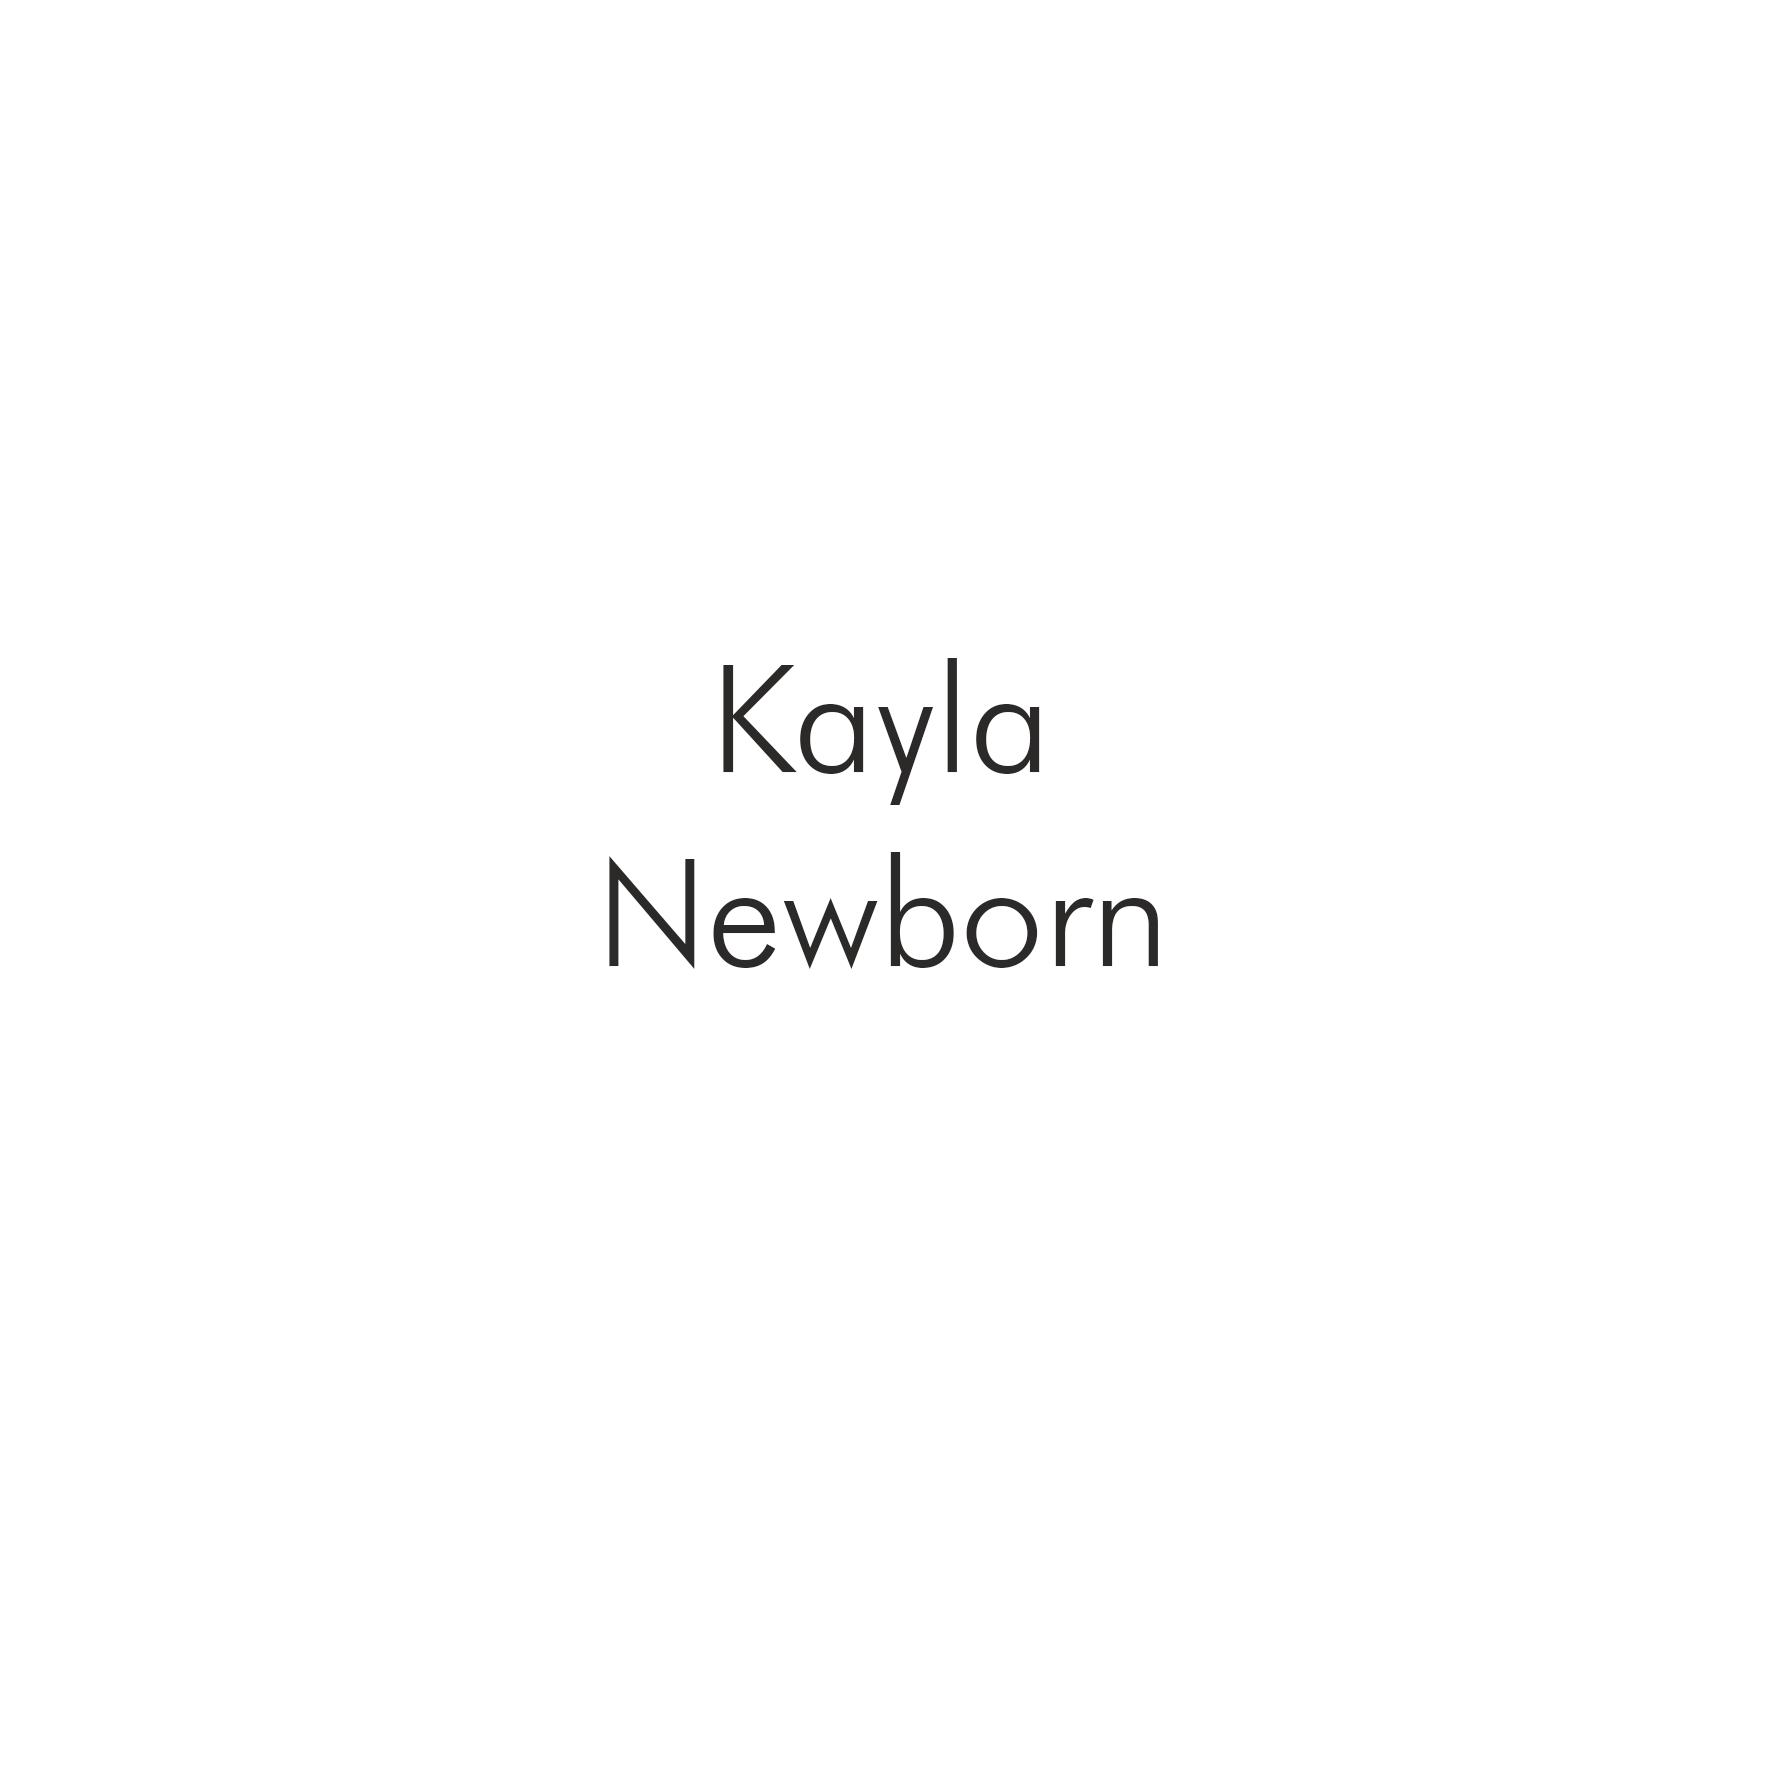 Kayla Newborn.png